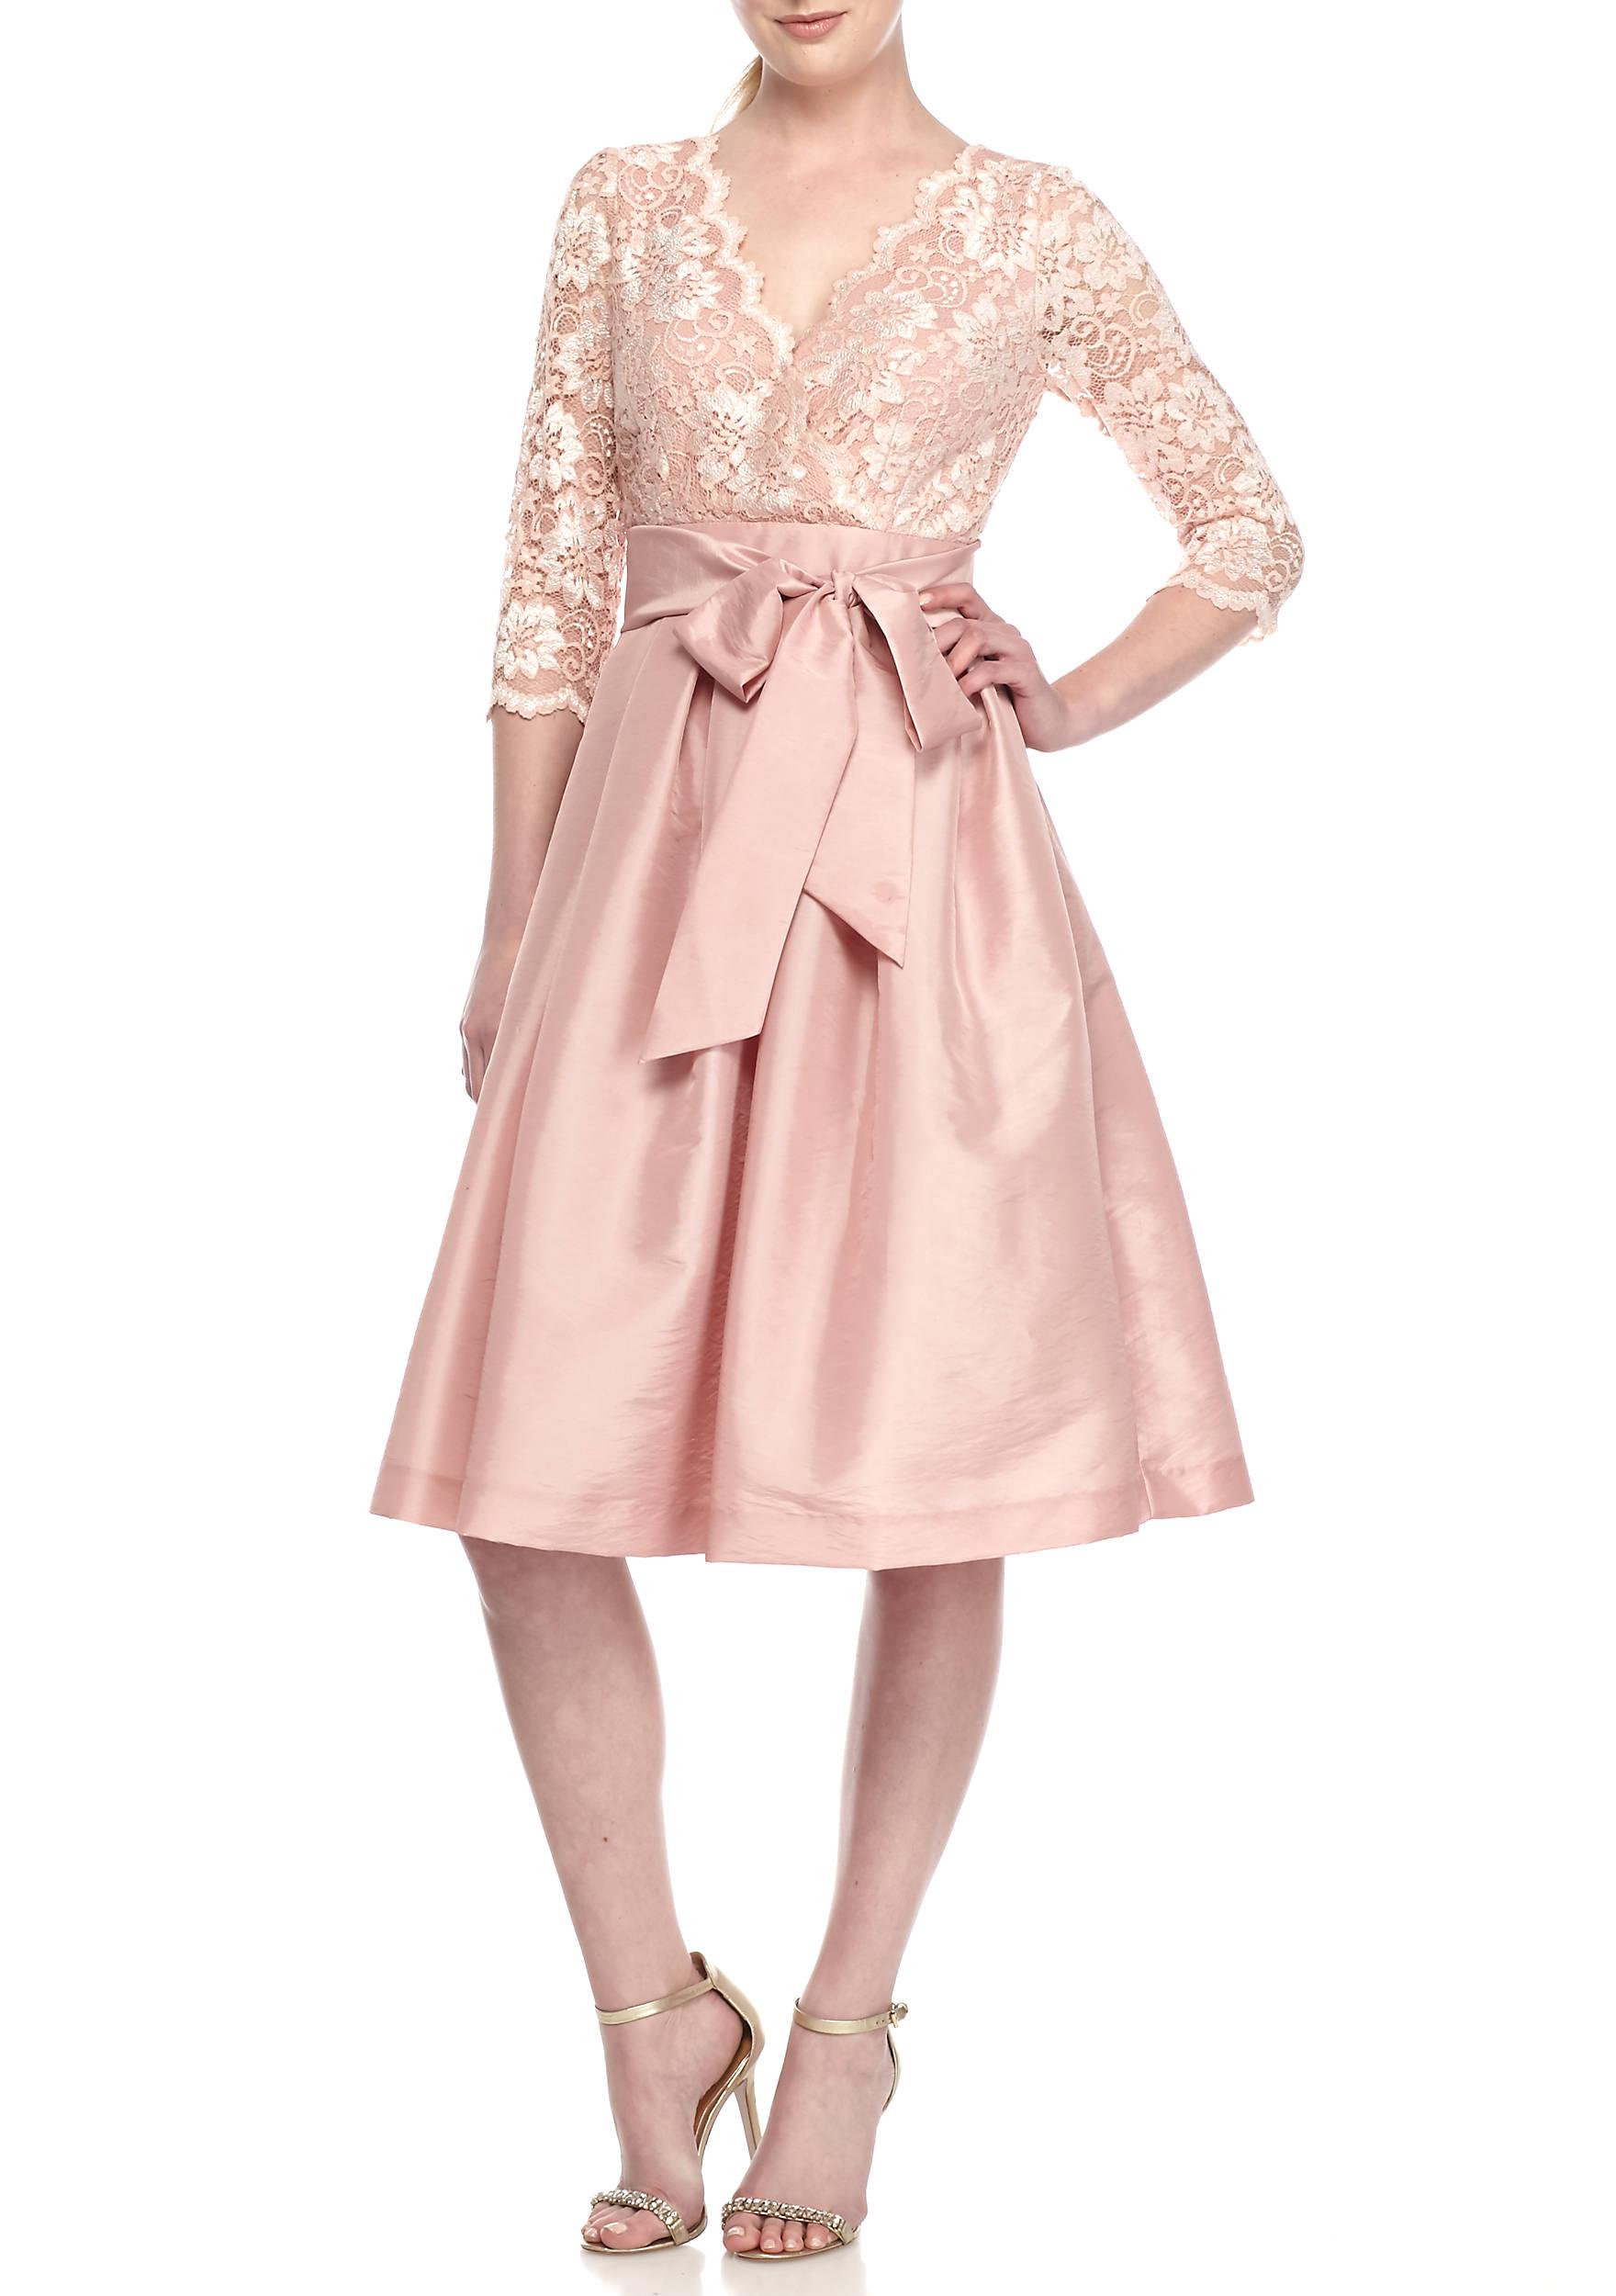 Asombroso Vestidos De Dama Belk Fotos - Colección de Vestidos de ...